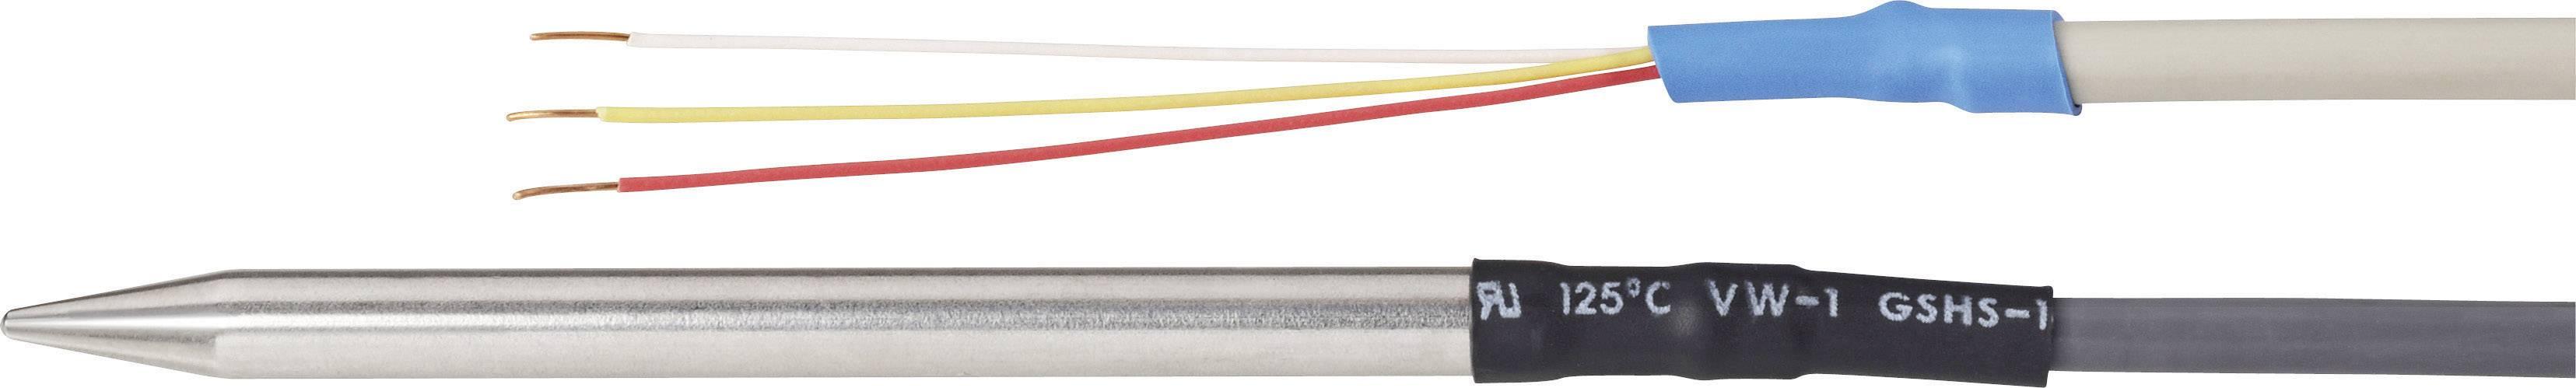 Teplotný senzor FS-400P, -100 do 200 °C, 3 m, 6 mm